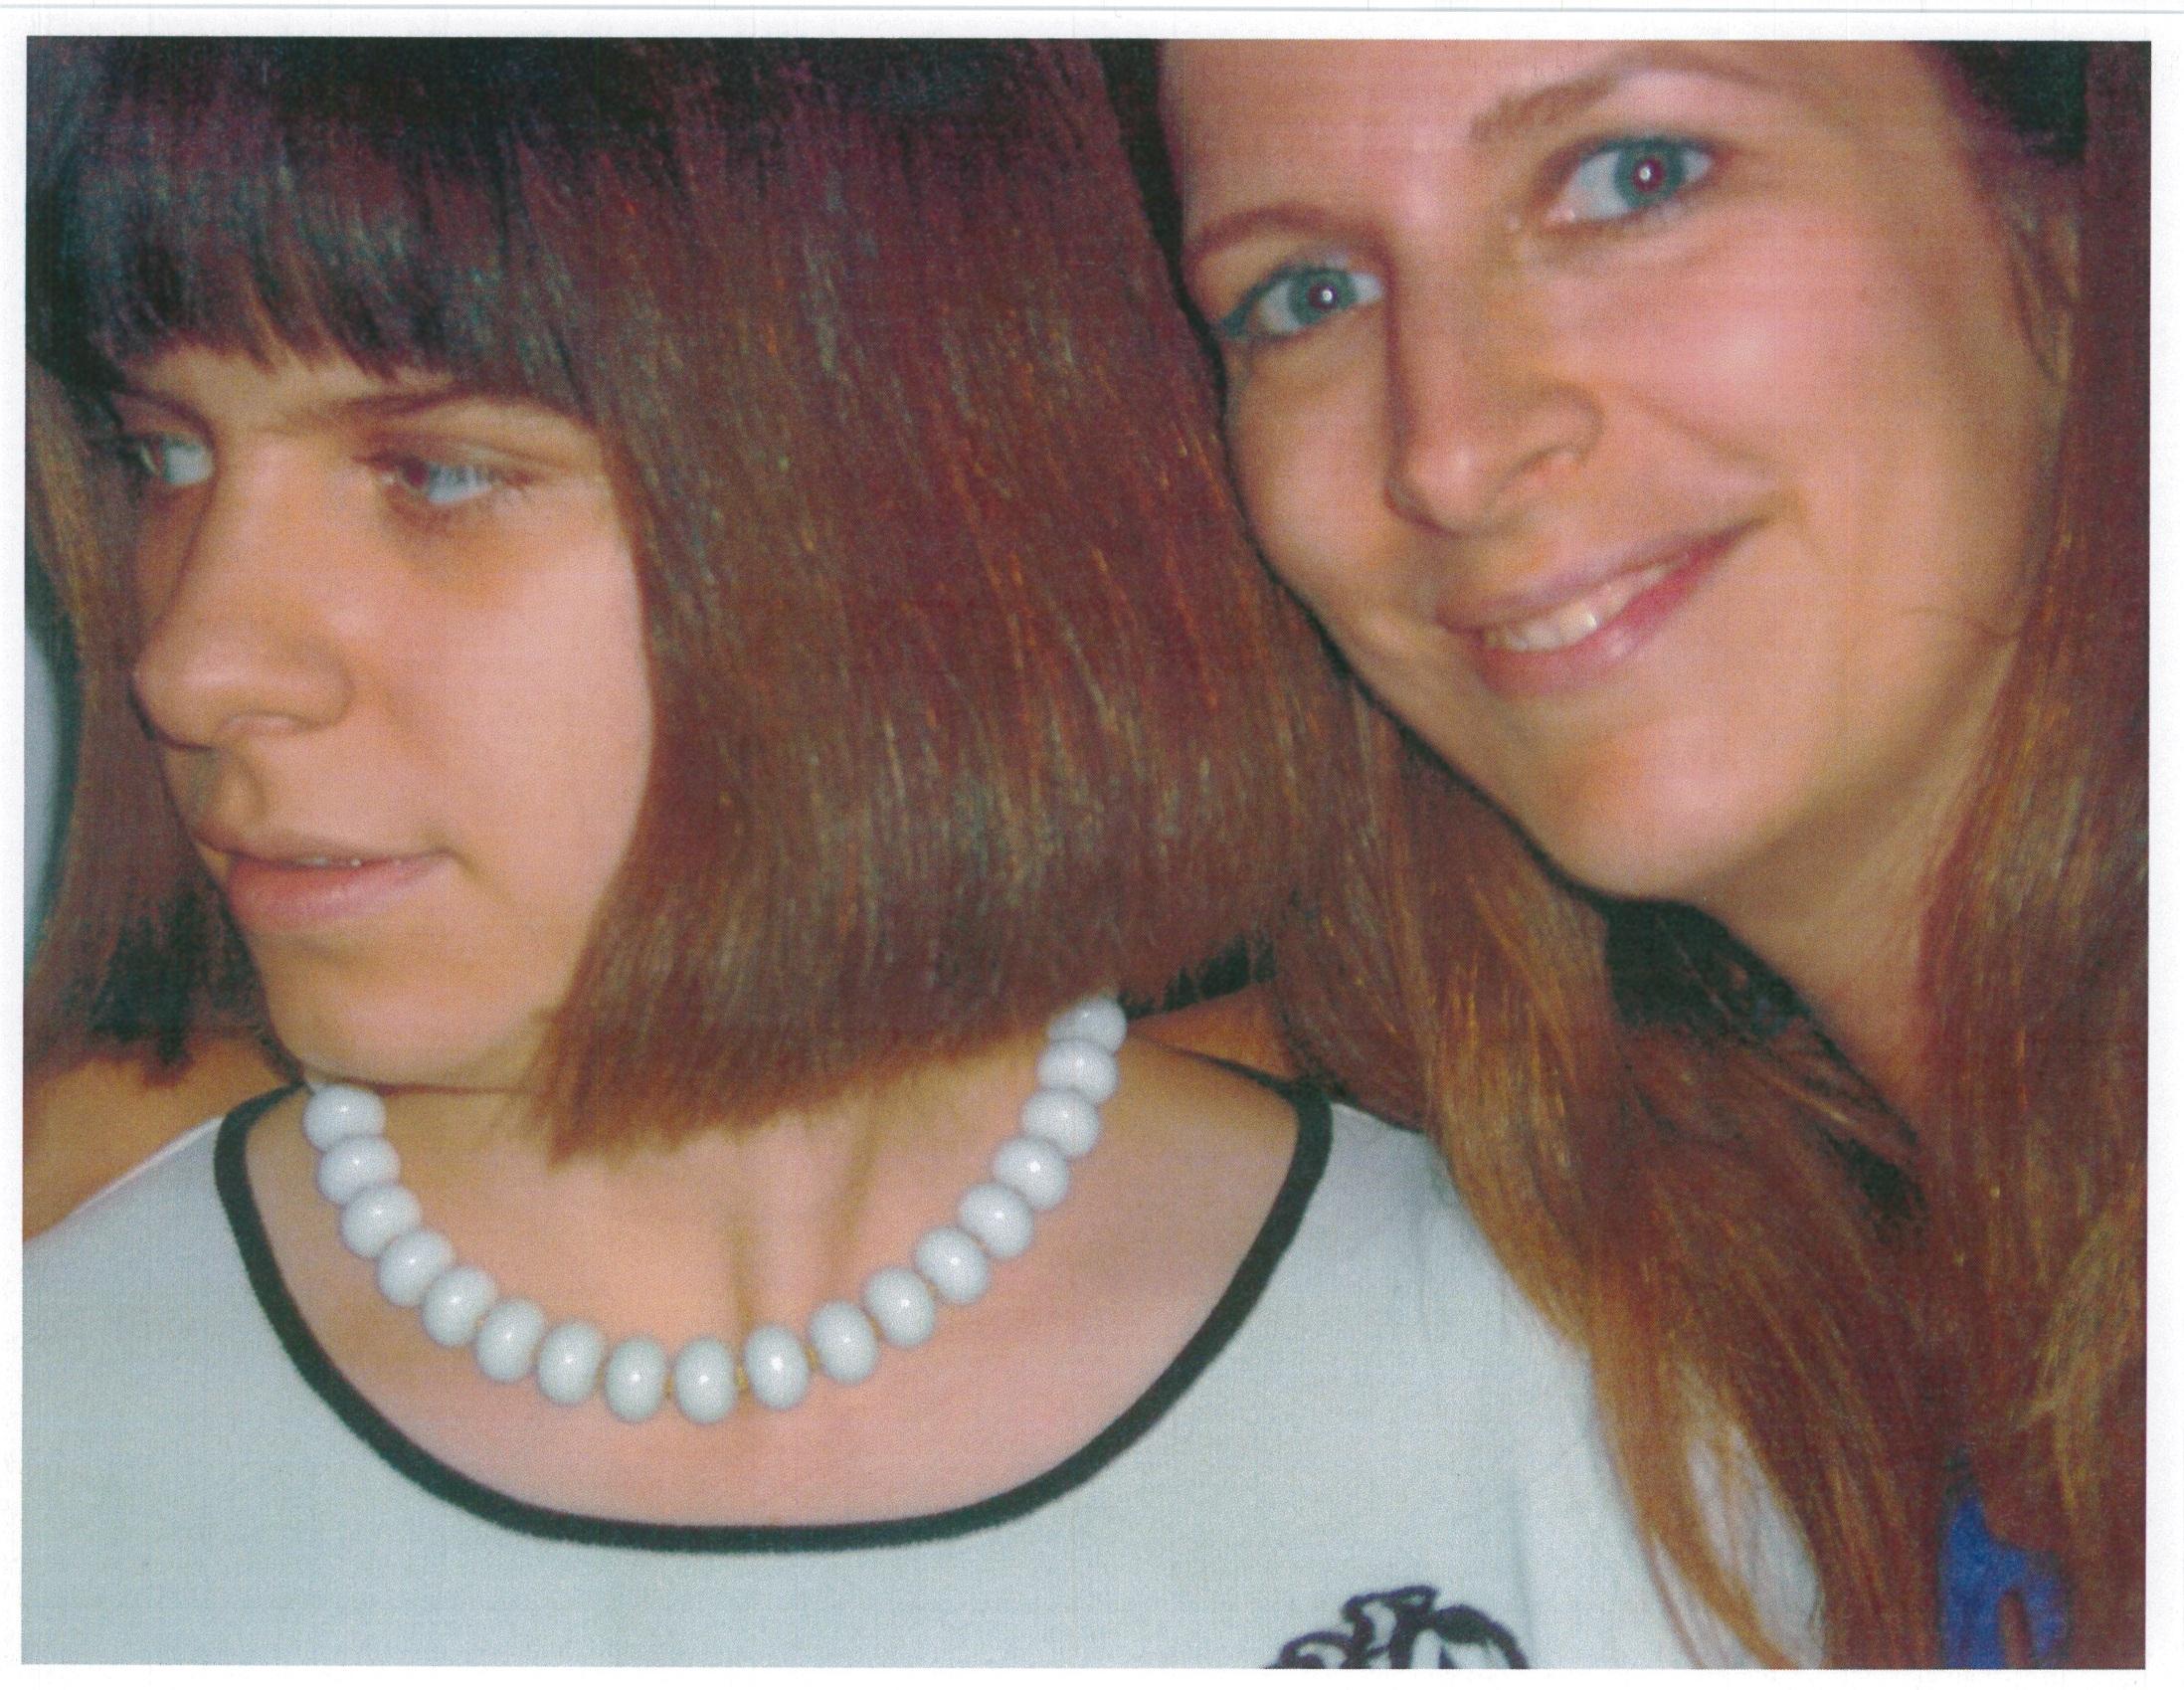 Beth and Sarah Rahr